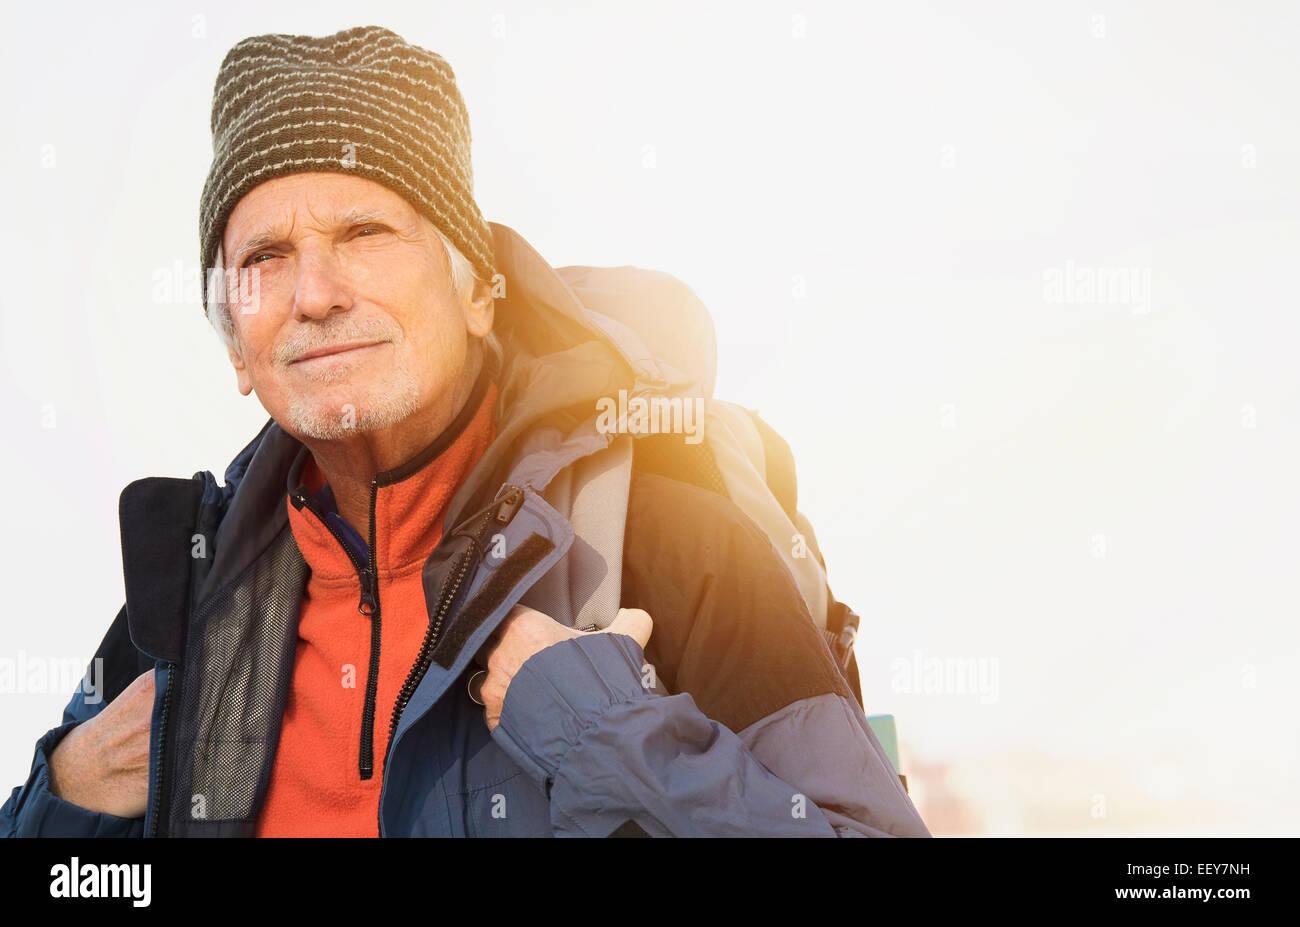 Senior man hiking - Stock Image